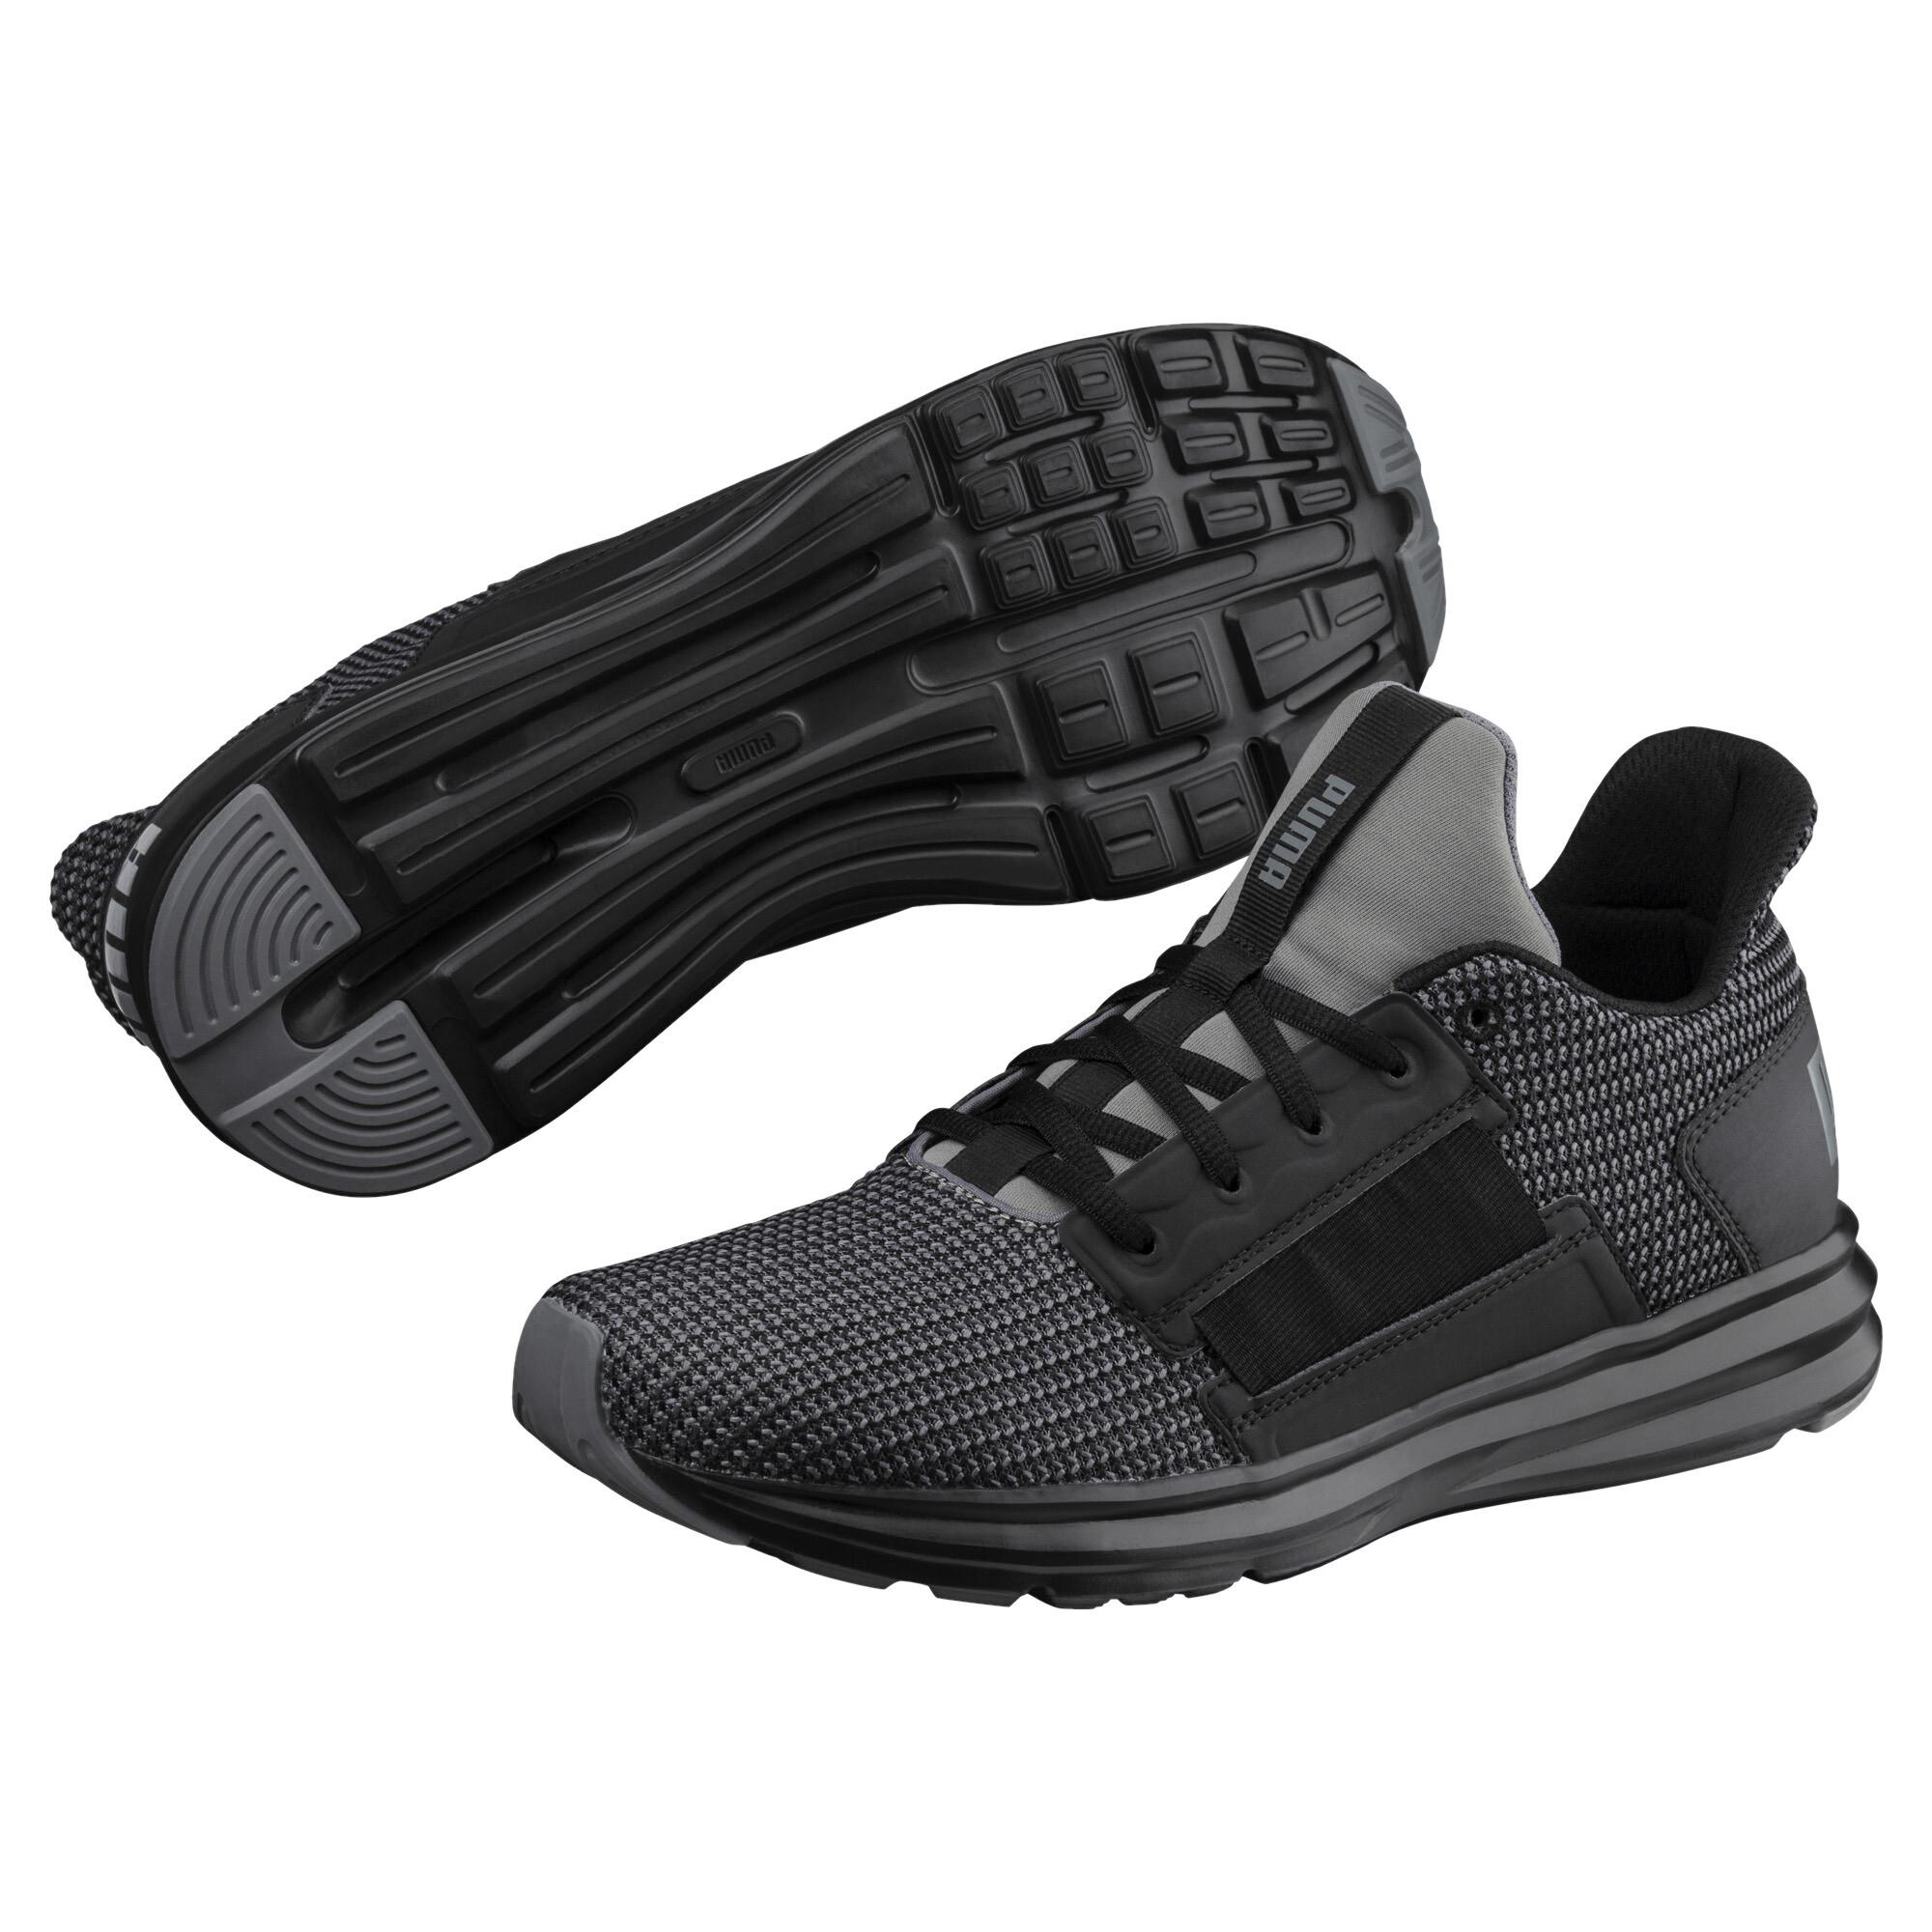 Details zu PUMA Enzo Street Knit Herren Laufschuhe Männer Schuhe Laufen Neu